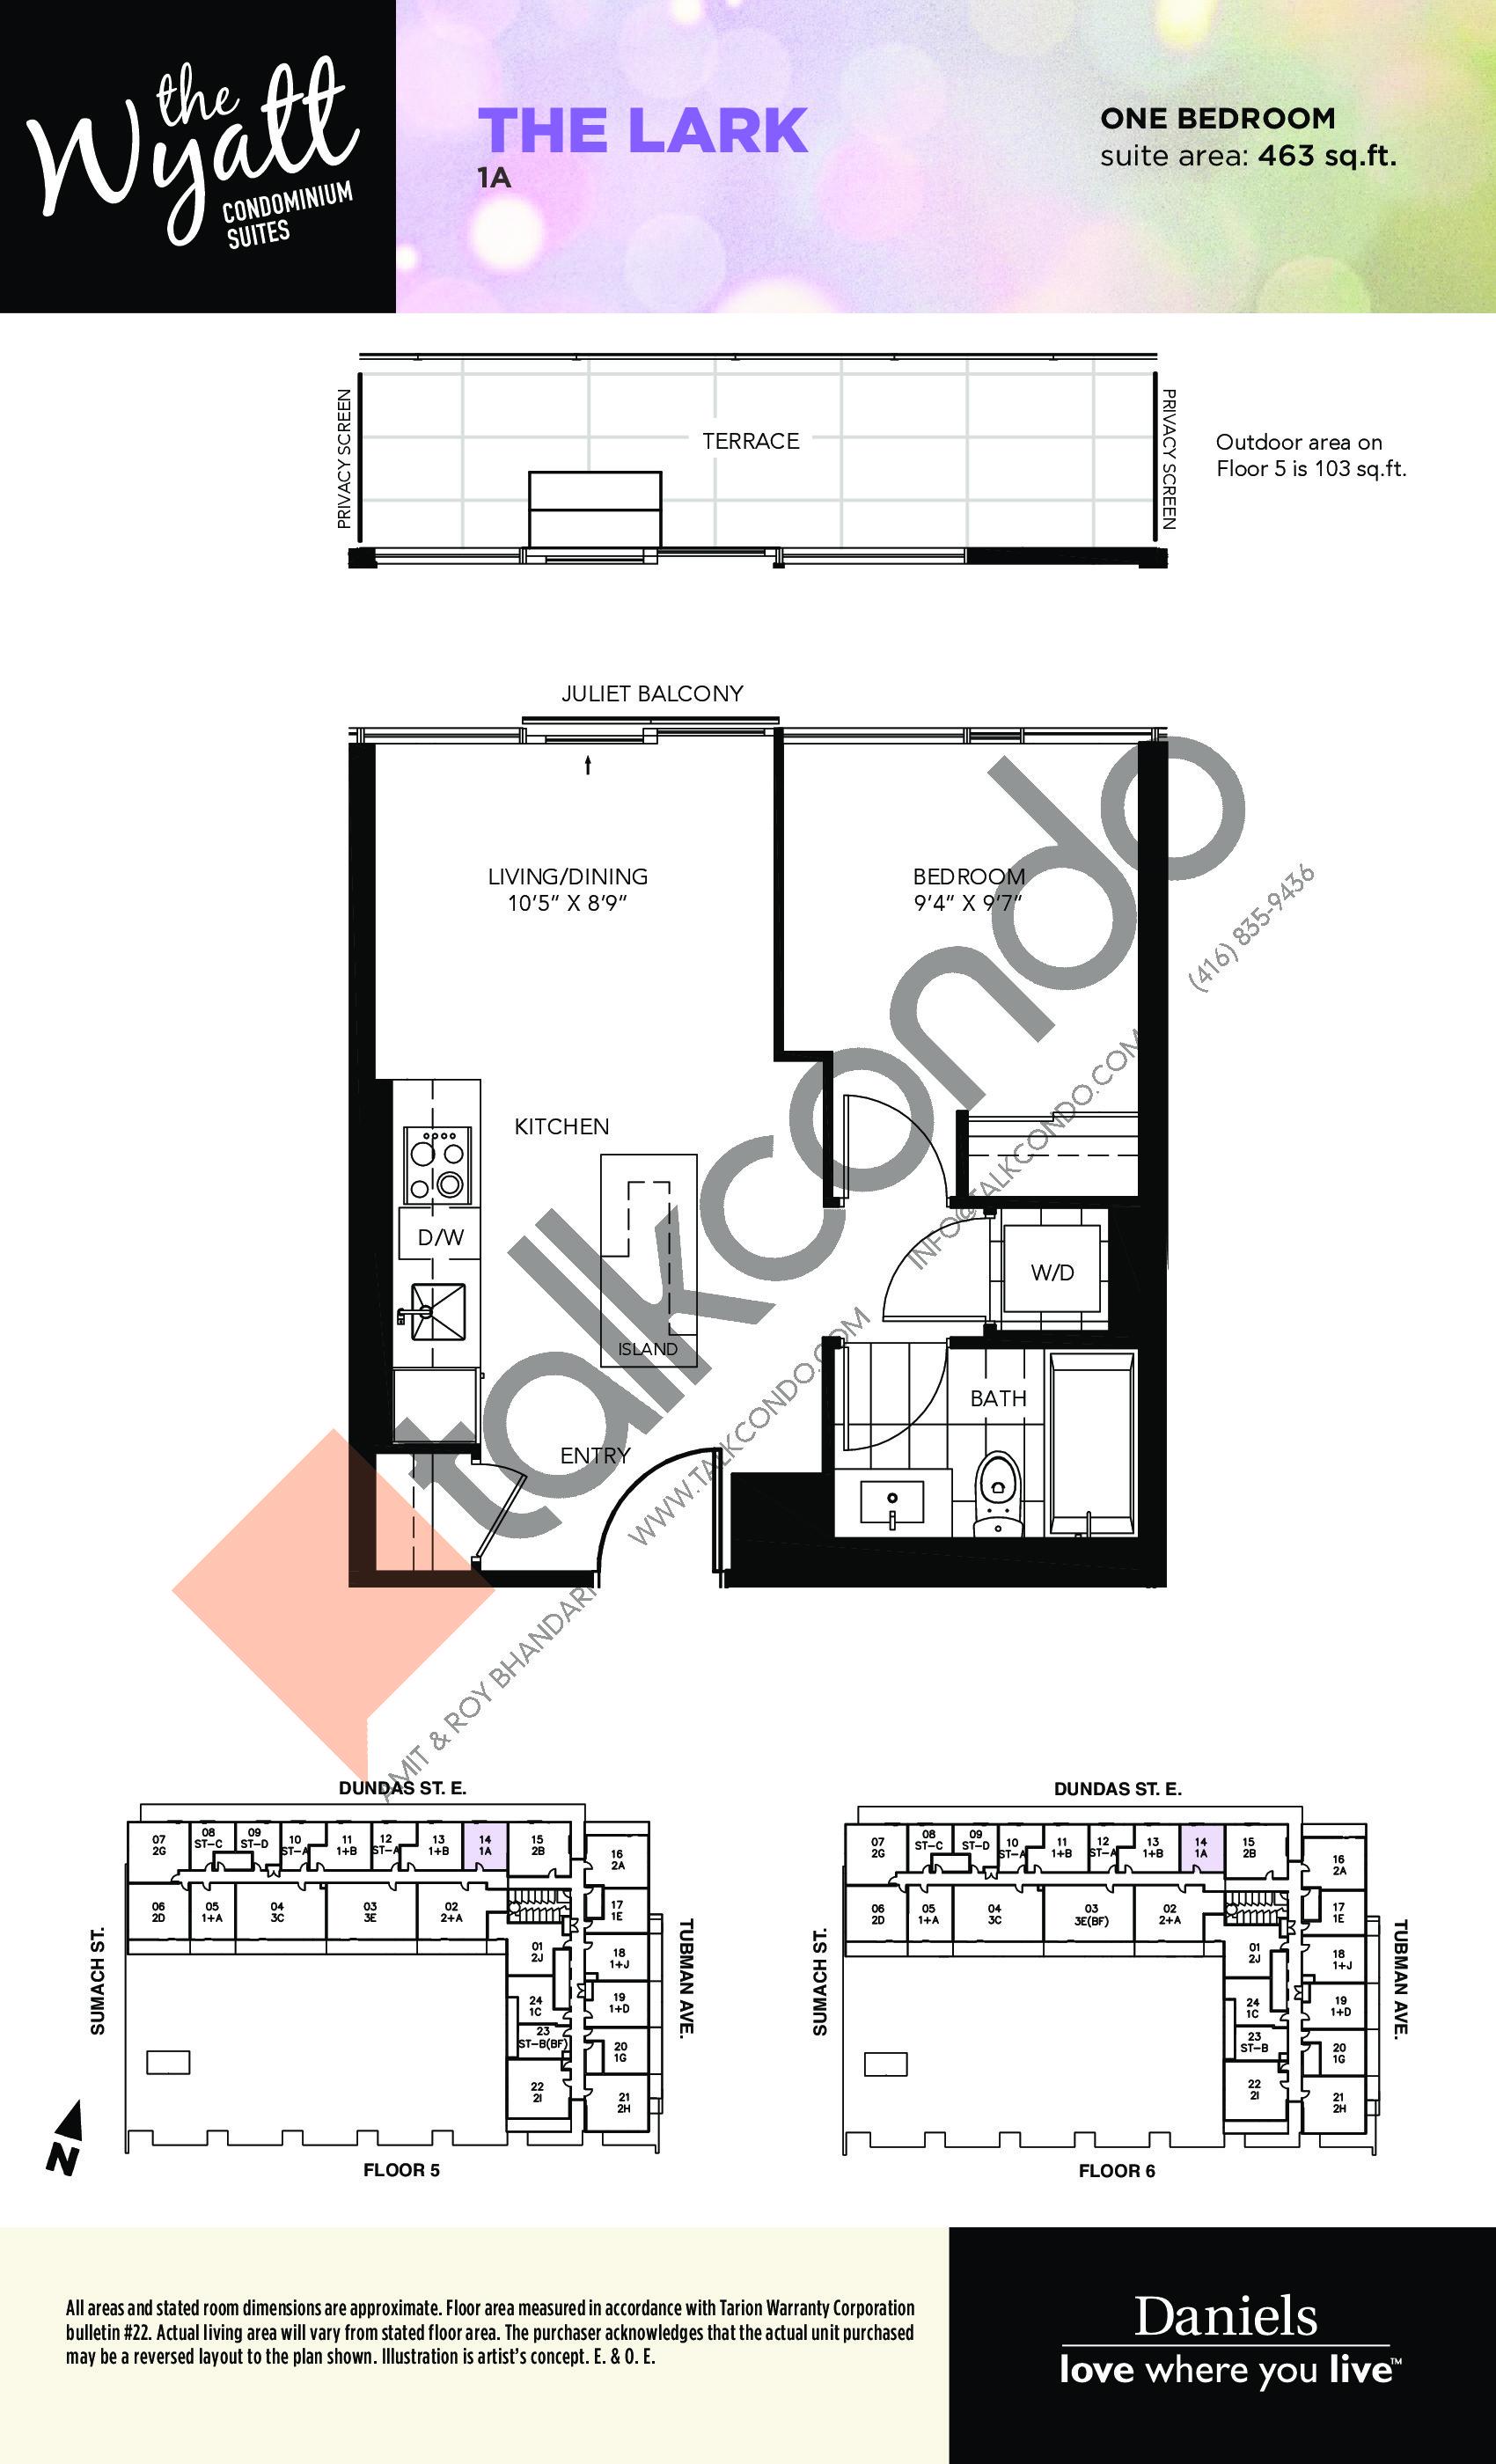 The Lark Floor Plan at The Wyatt Condos - 463 sq.ft